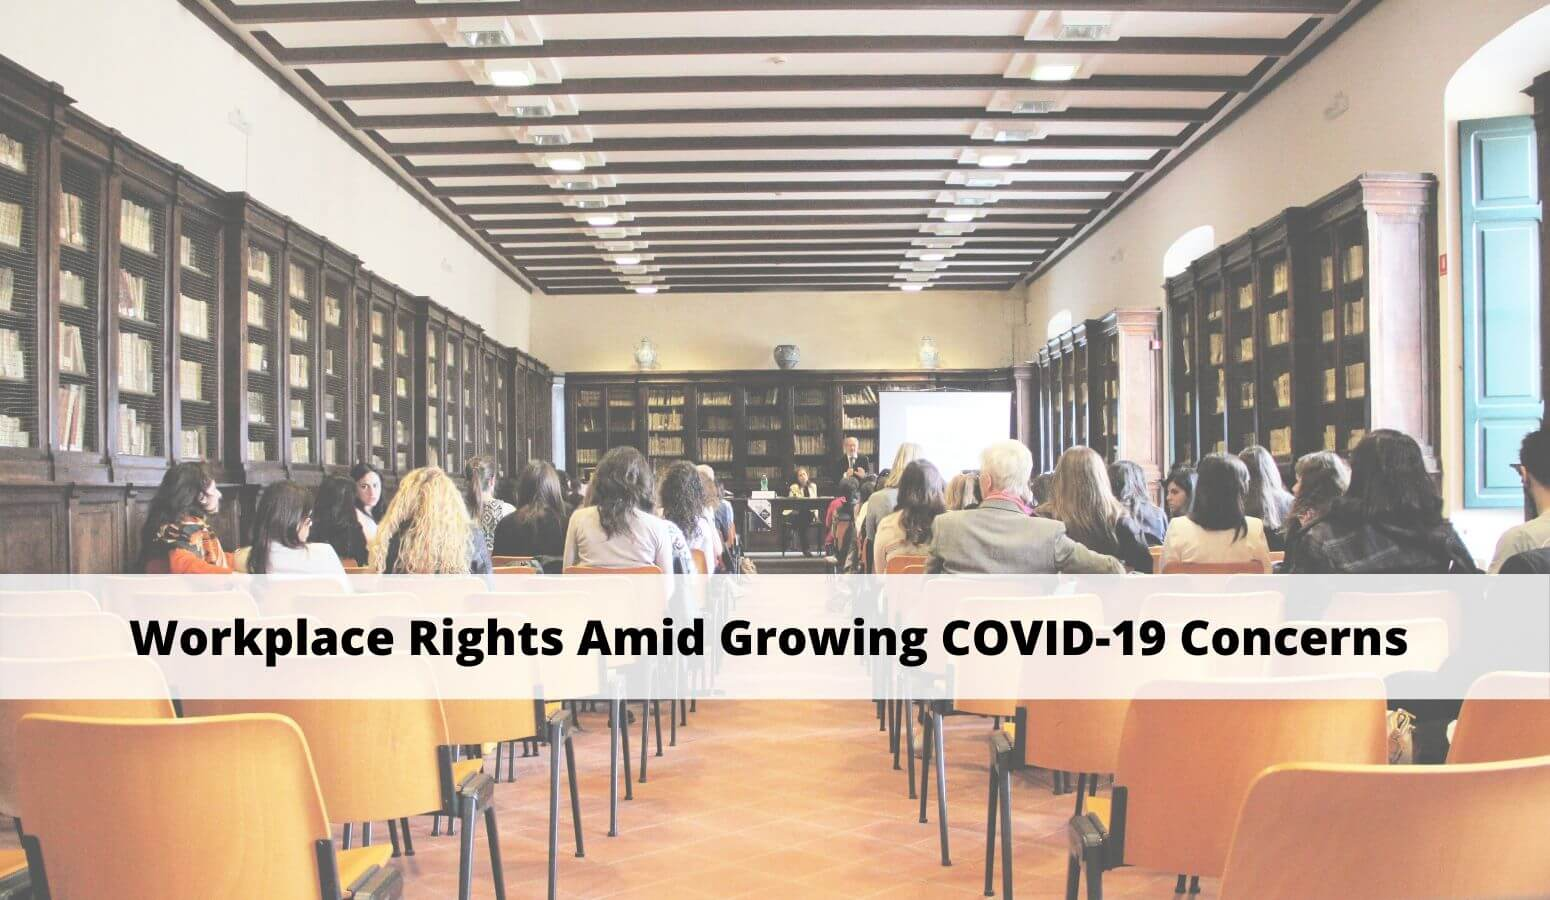 COVID-19 concerns